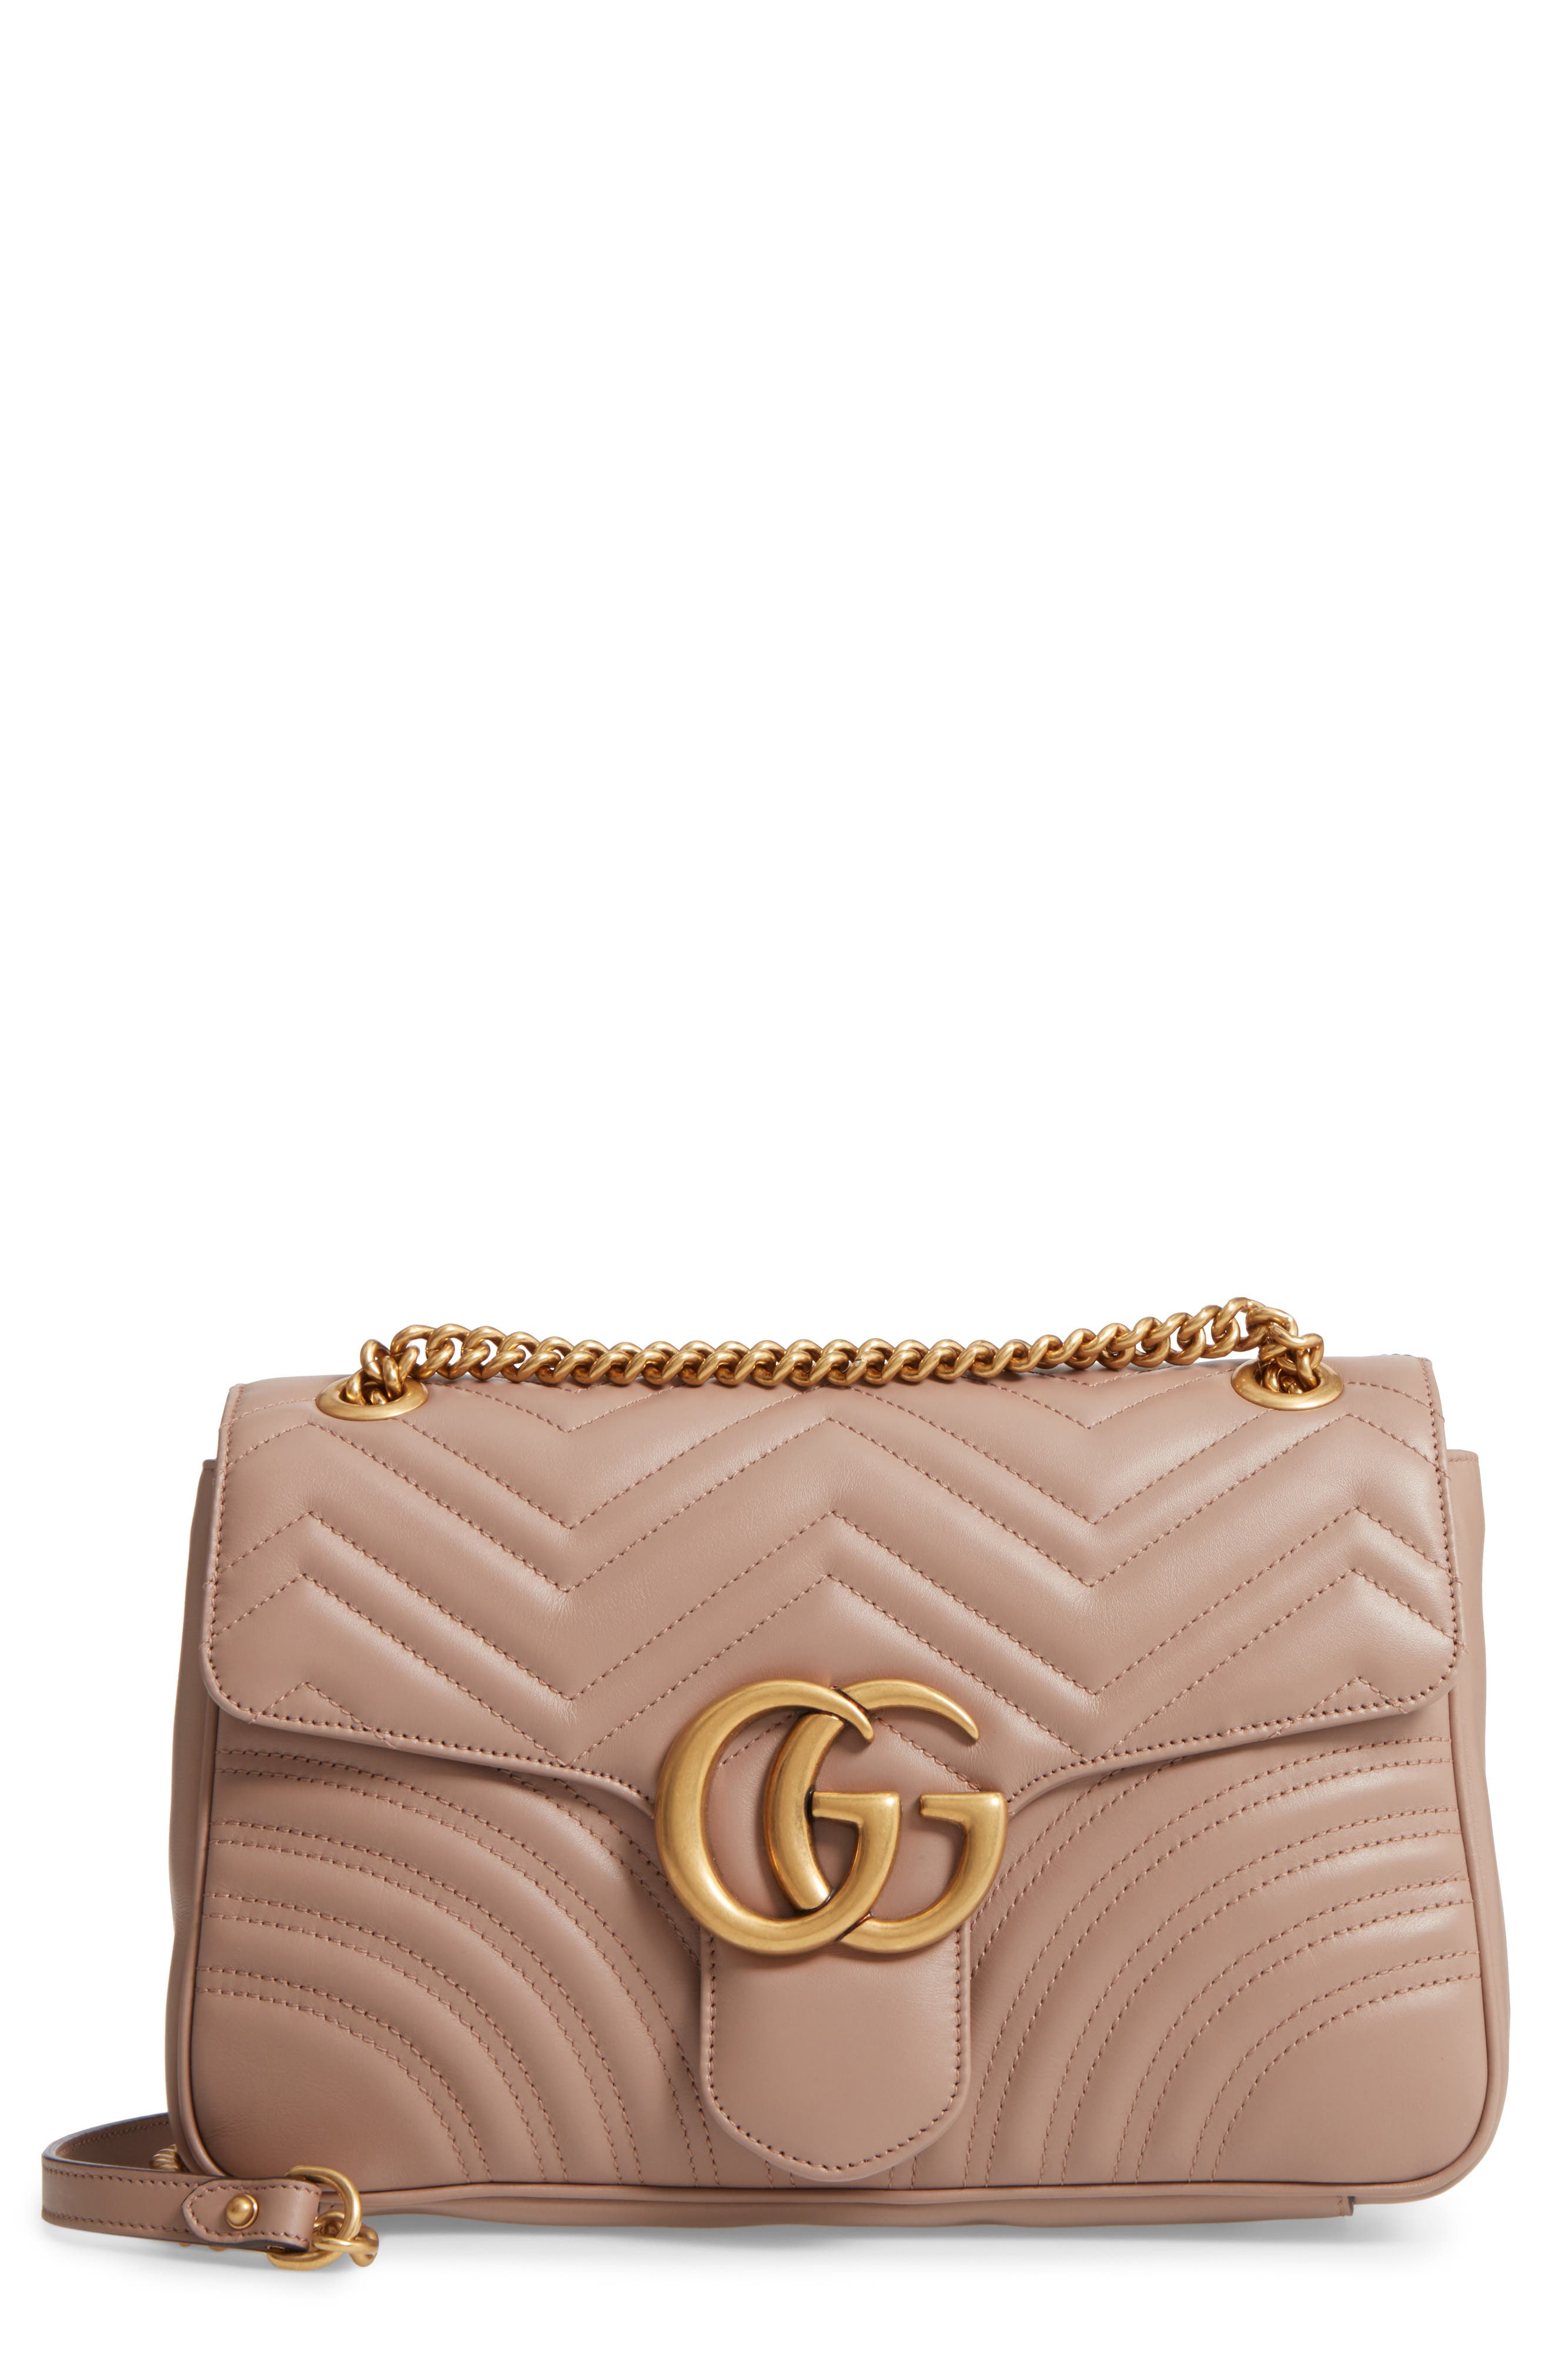 Medium GG Marmont 2.0 Matelassé Leather Shoulder Bag,                             Main thumbnail 1, color,                             Porcelain Rose